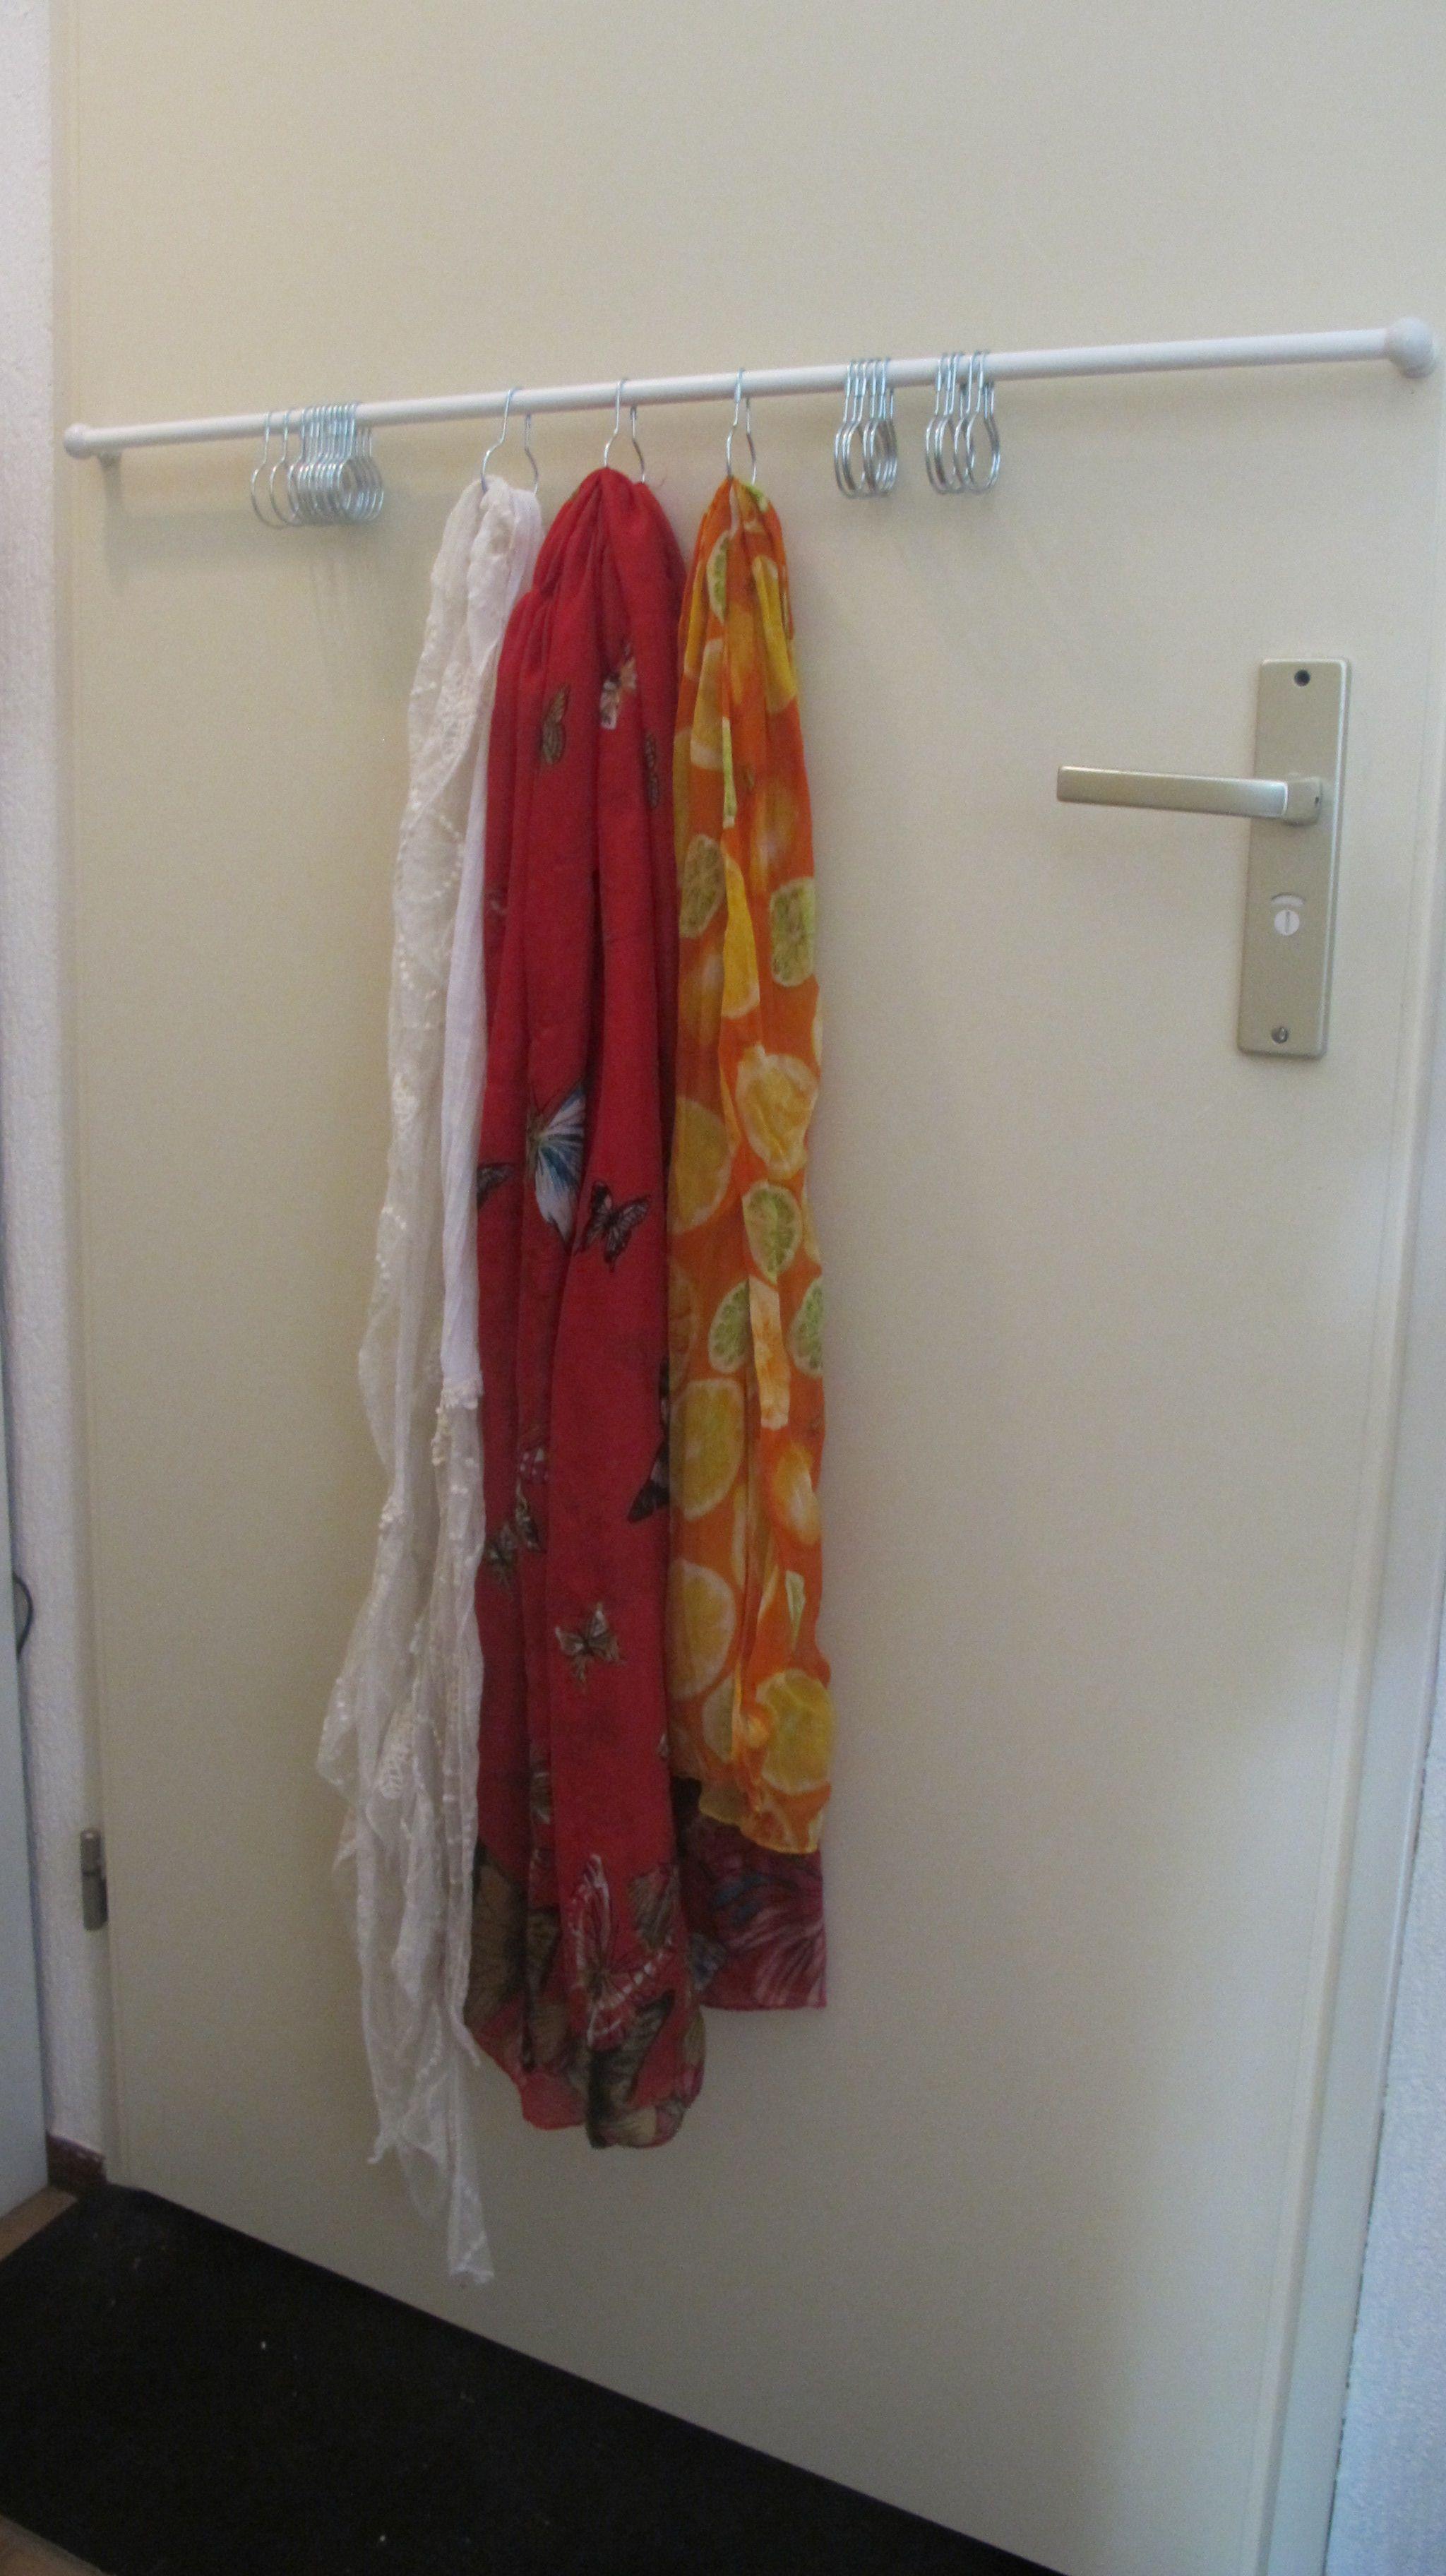 De Oplossing Voor Sjaals Een Metalen Buis Met Ophanghaakjes Op